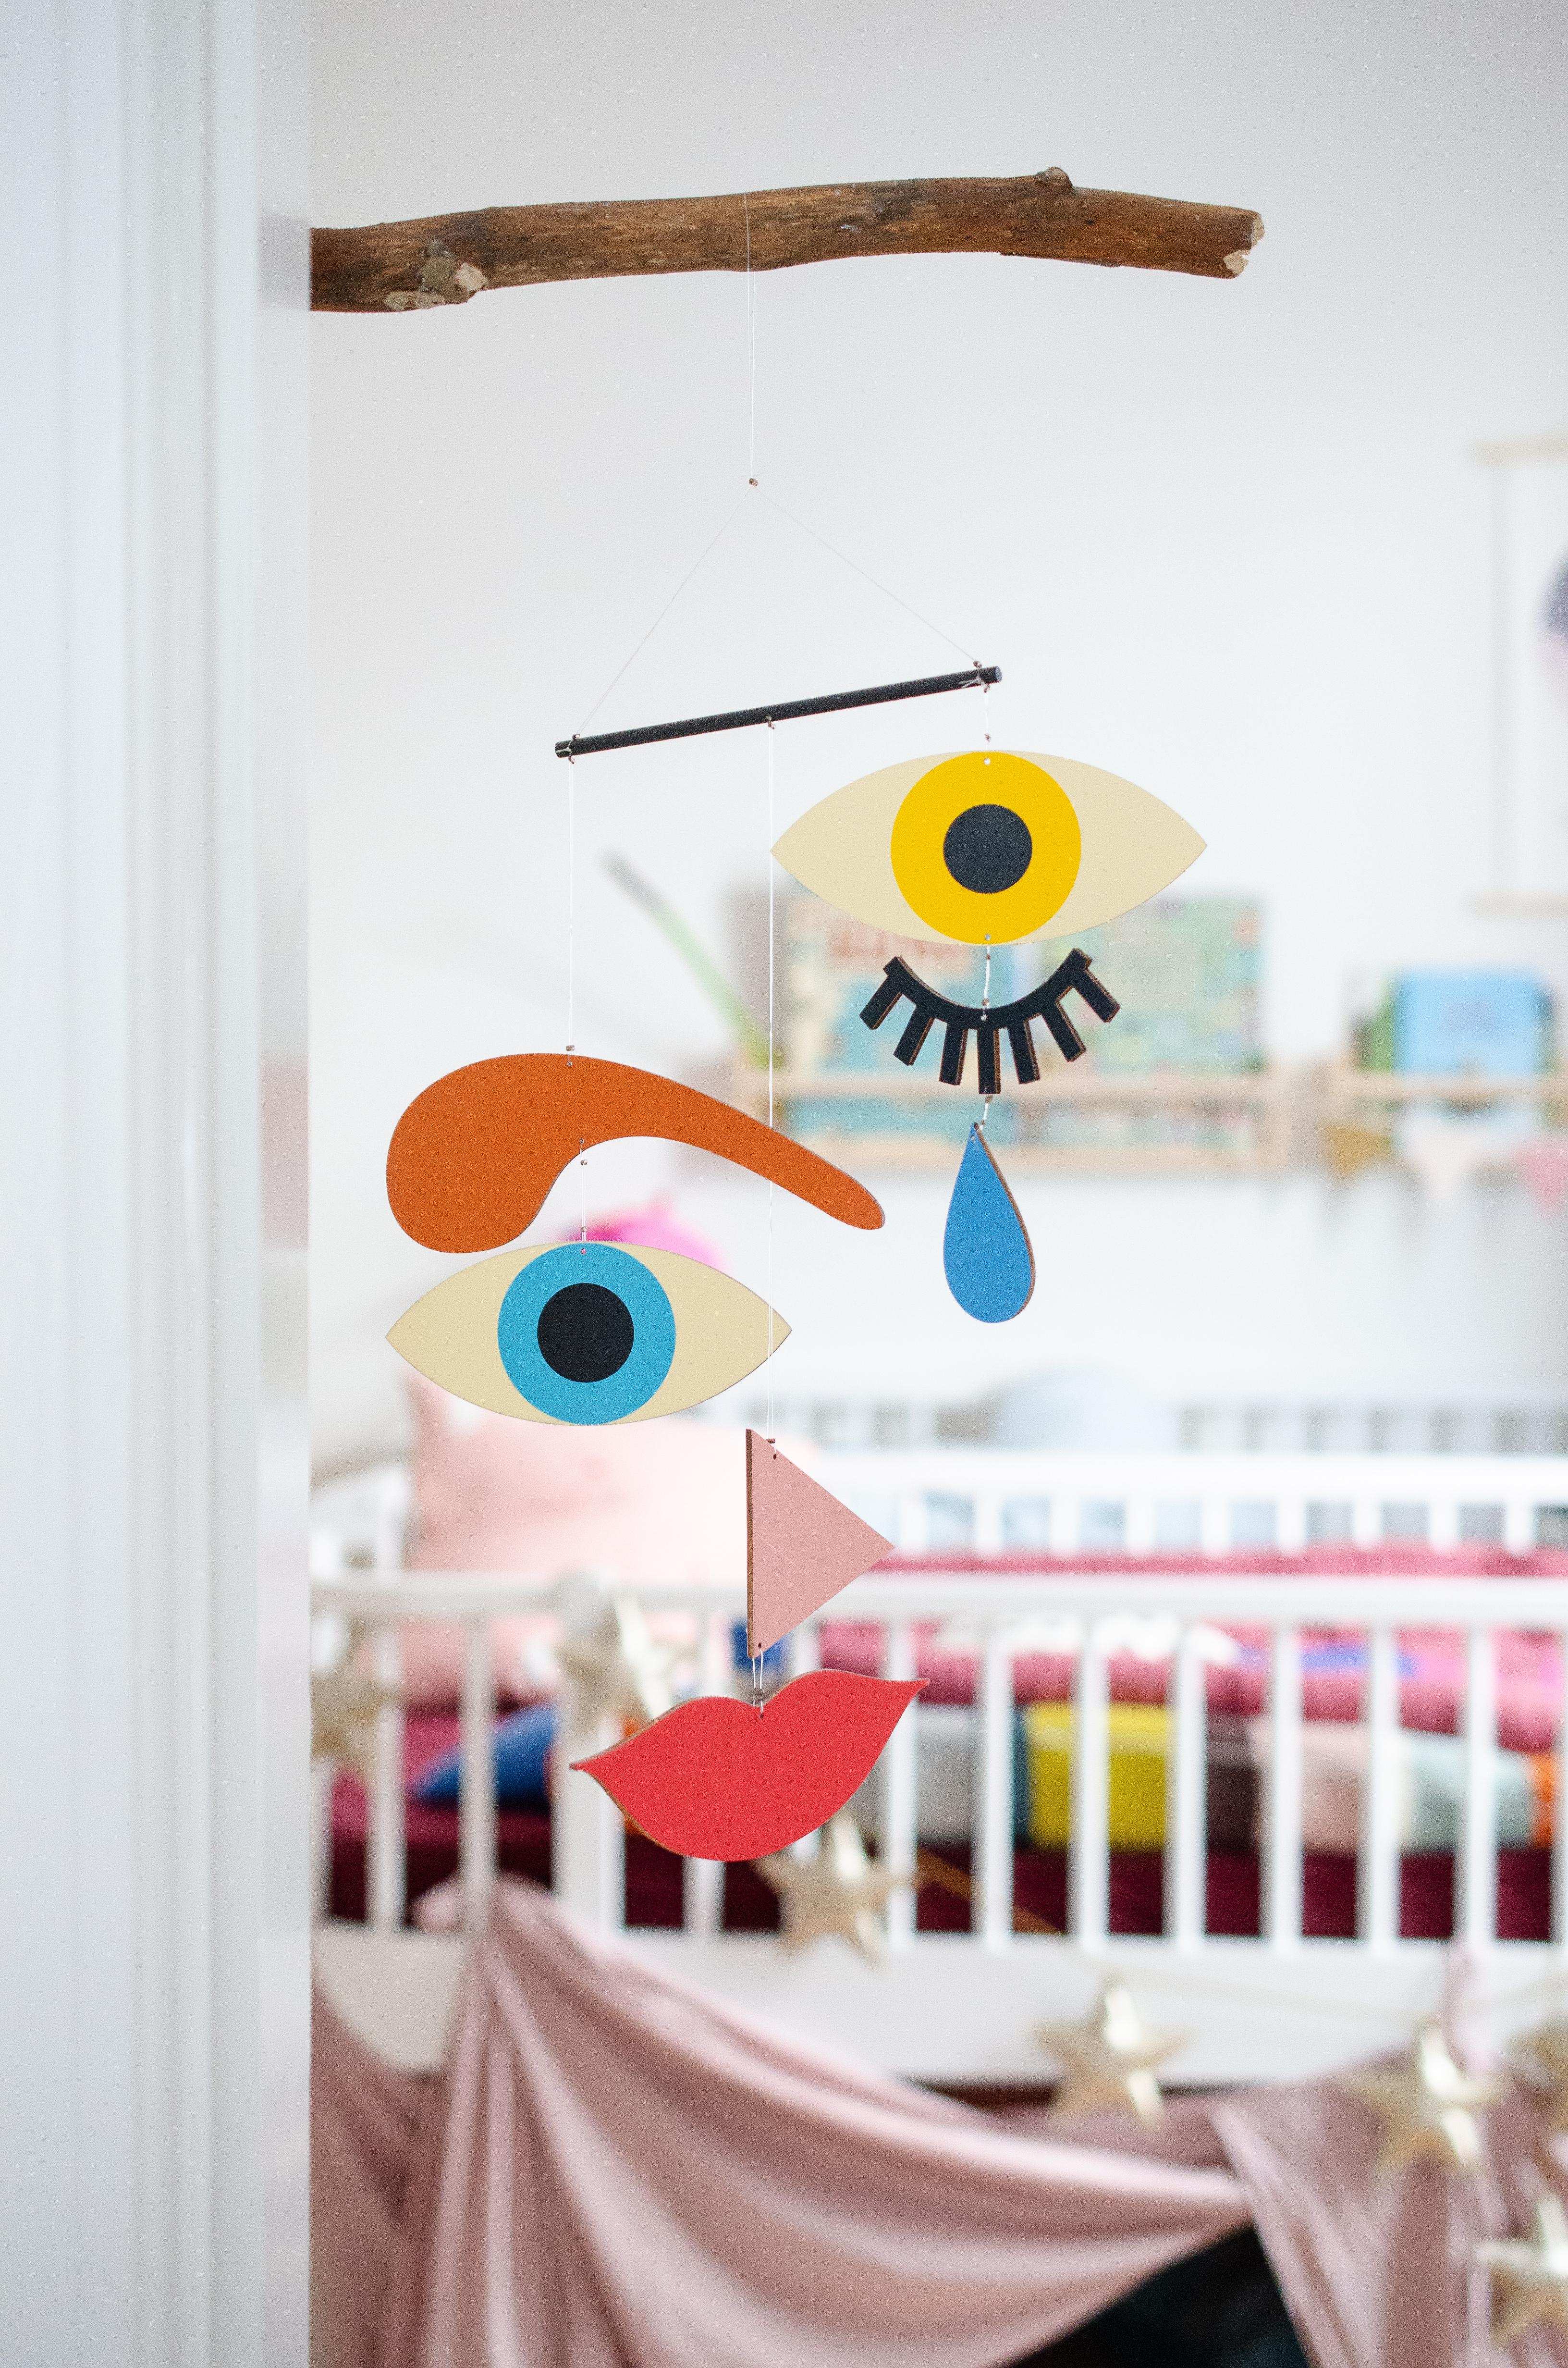 Familie als Mobilé - wenn die Geburt eines Babys erstmal alles aus dem Gleichgewicht bringt